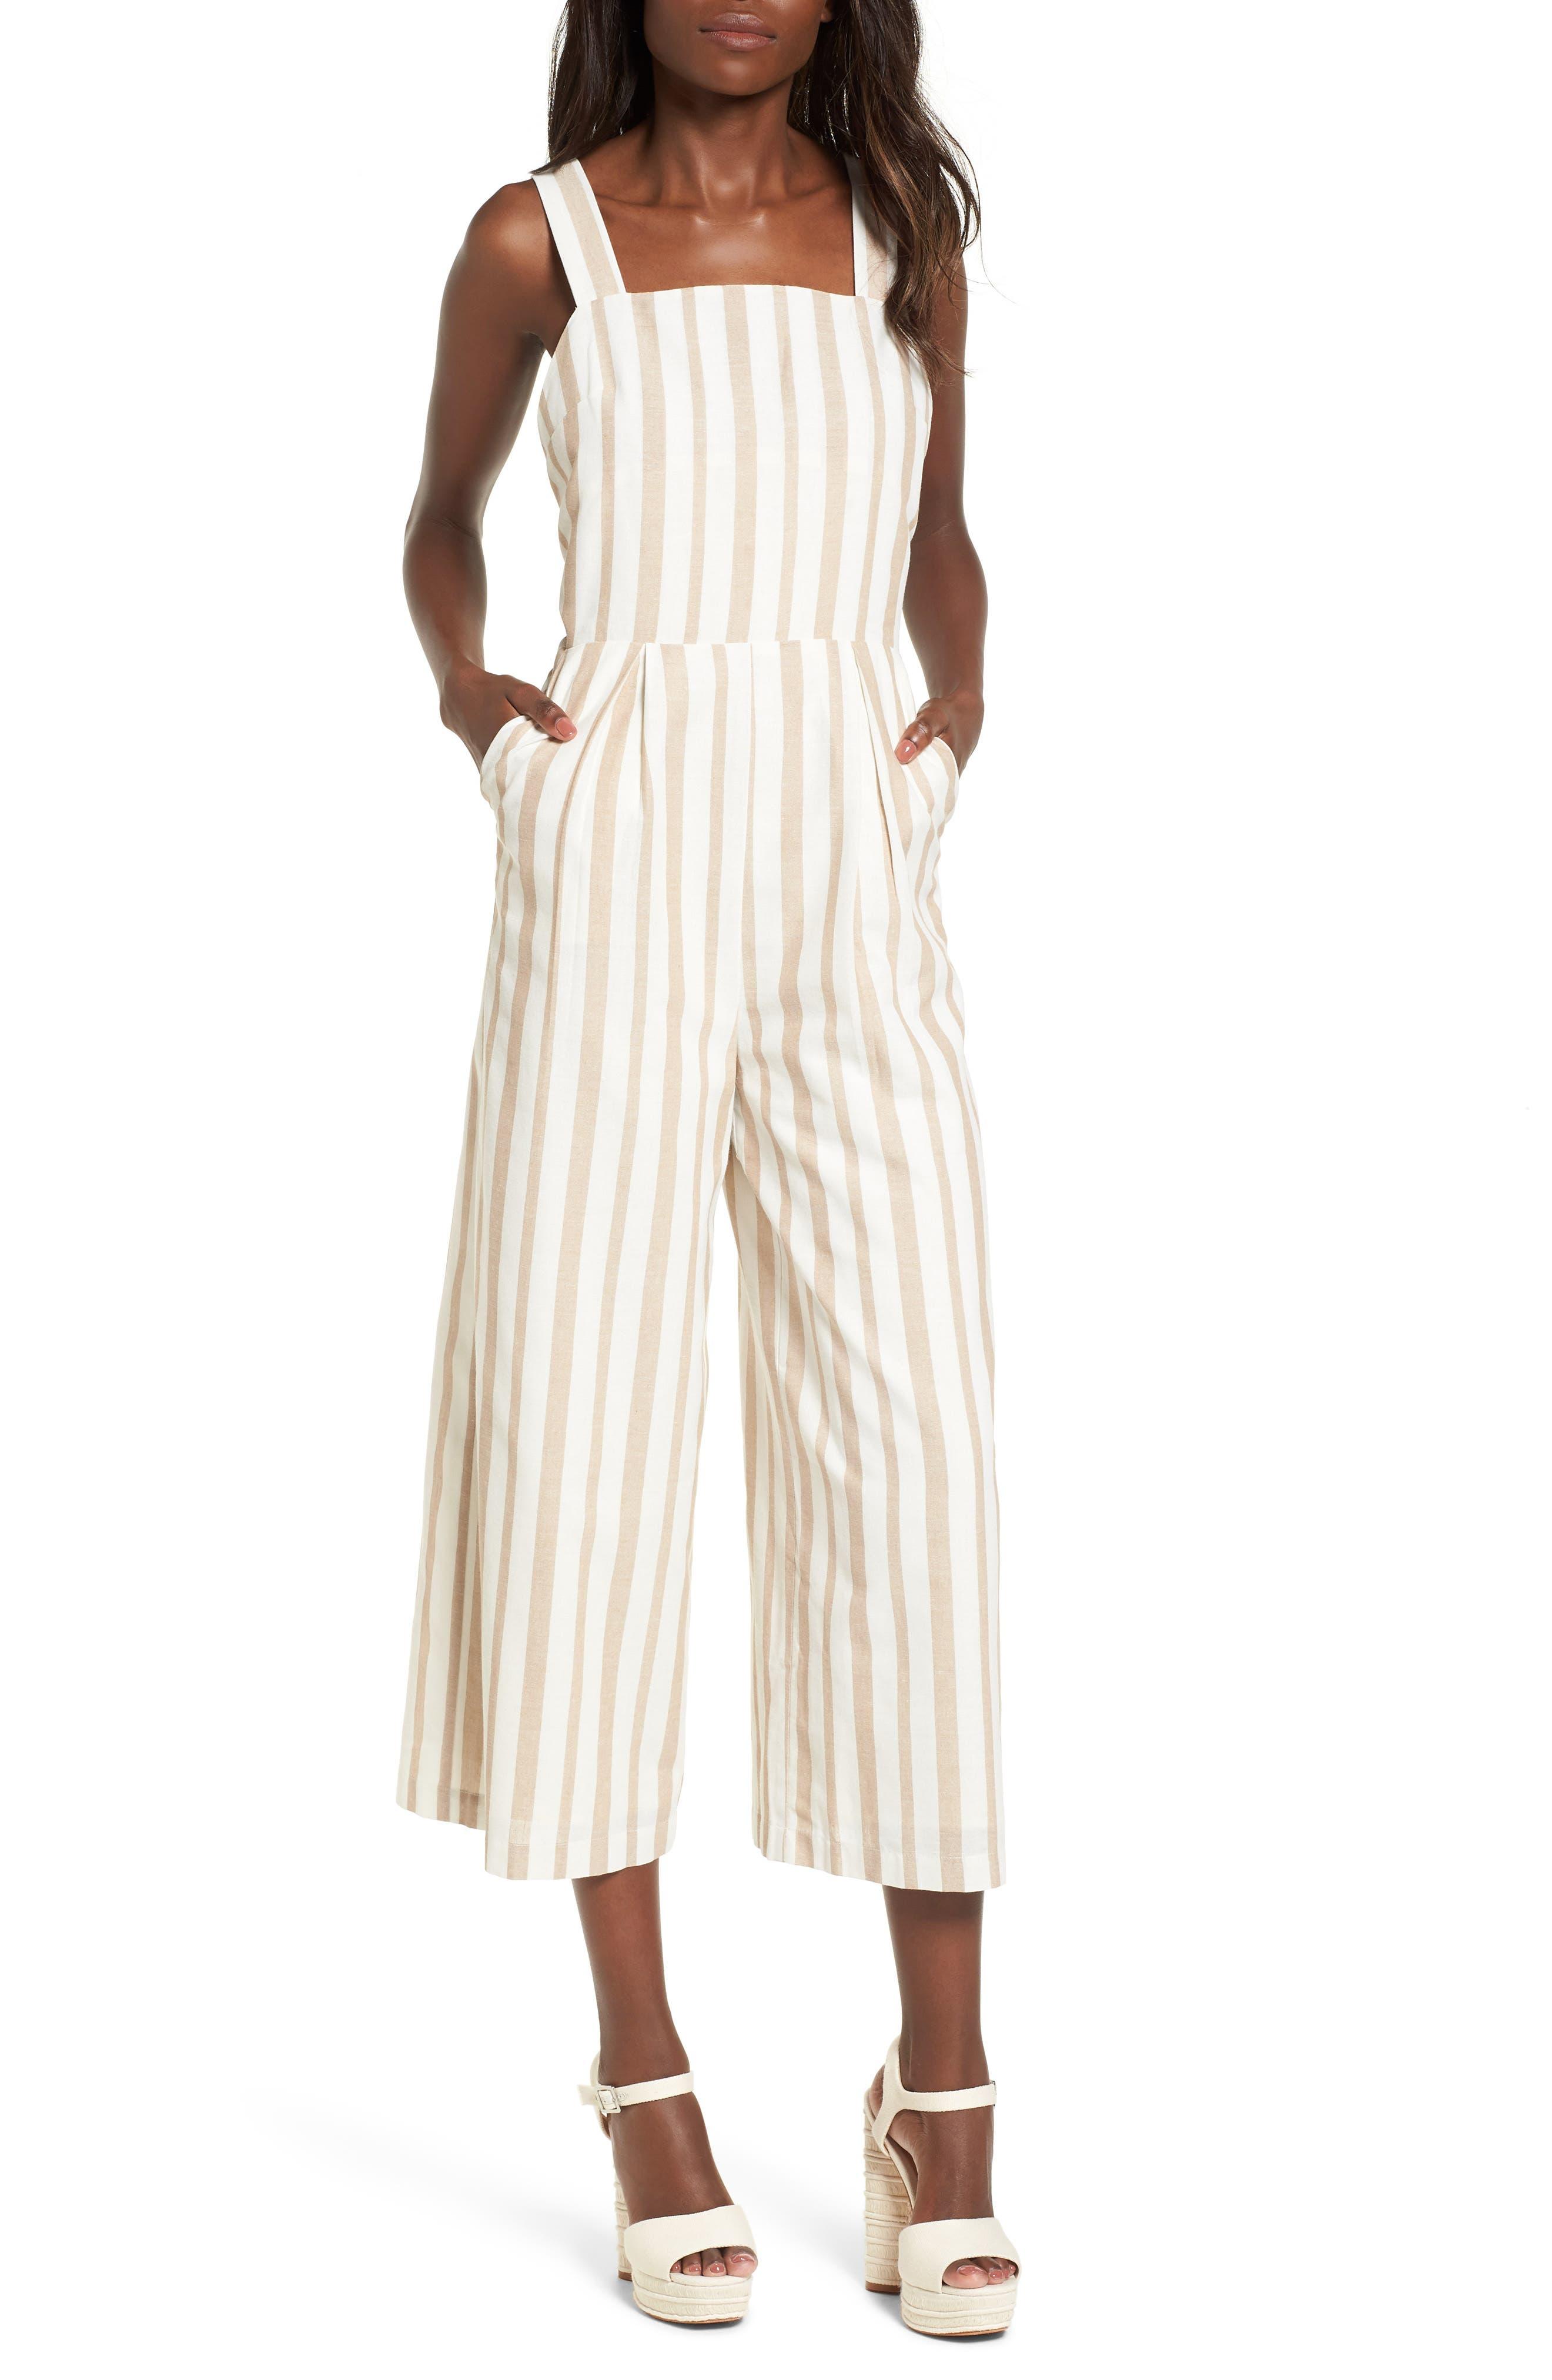 Chriselle x J.O.A. Wide Leg Jumpsuit,                         Main,                         color, Sand Stripe